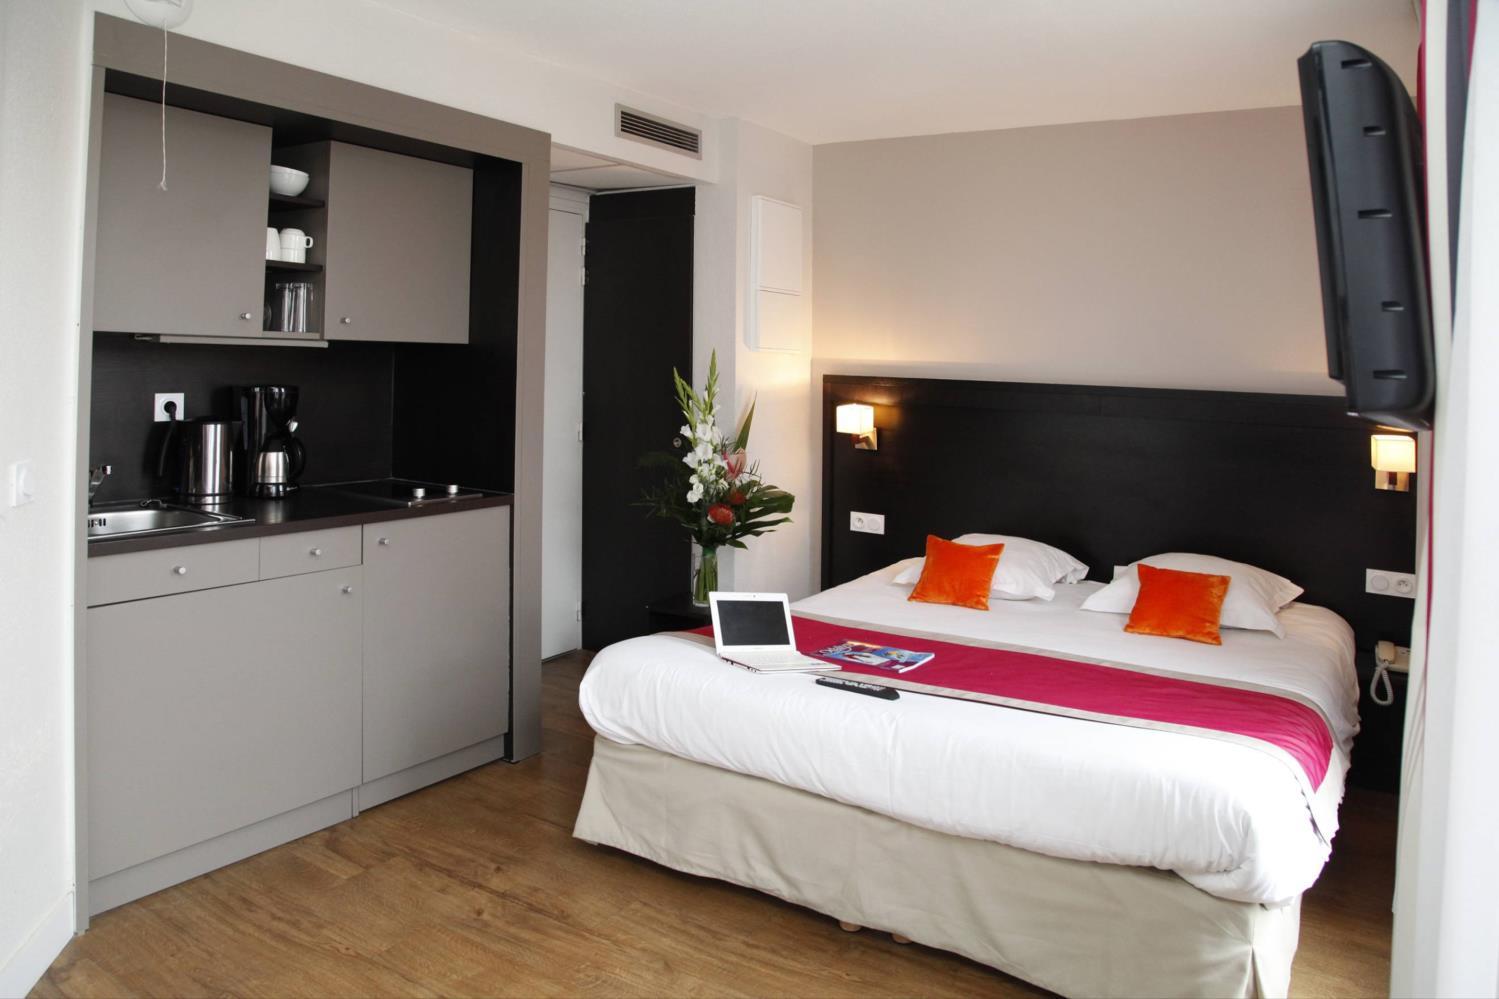 Ferienwohnung Appart'hôtel Les Floridianes S2p (1082338), Aix en Provence, Bouches-du-Rhône, Provence - Alpen - Côte d'Azur, Frankreich, Bild 6